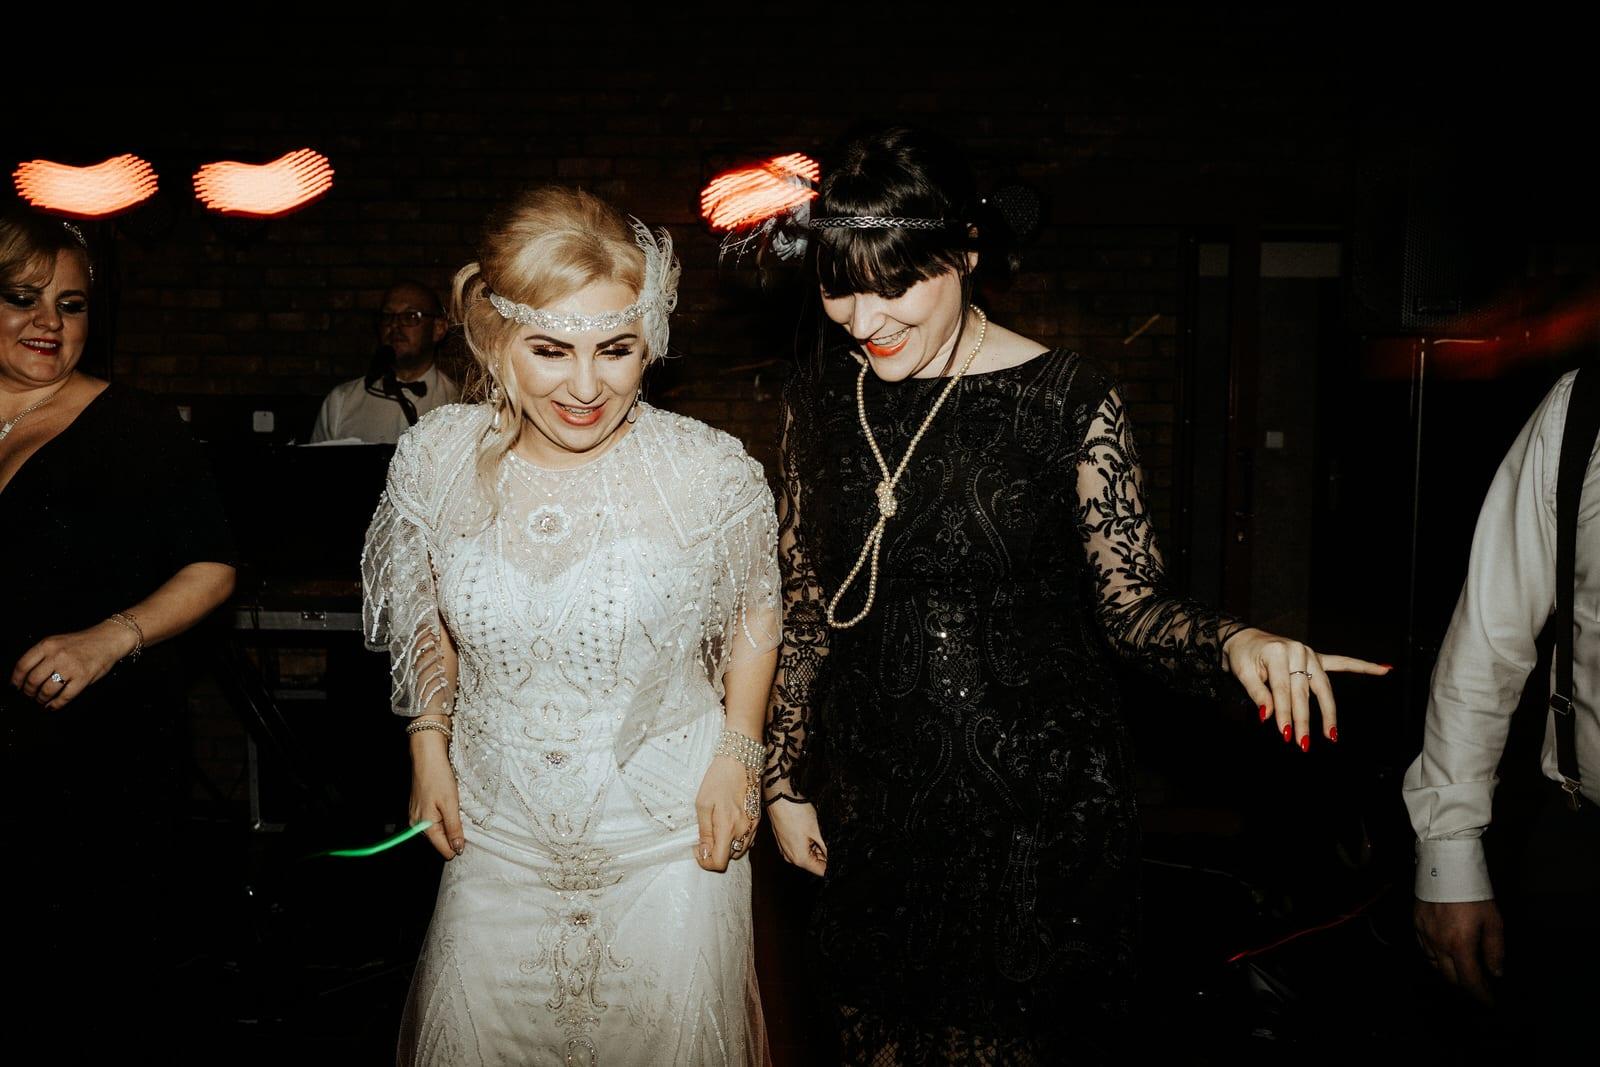 Piękny ślub w stylu lat 20